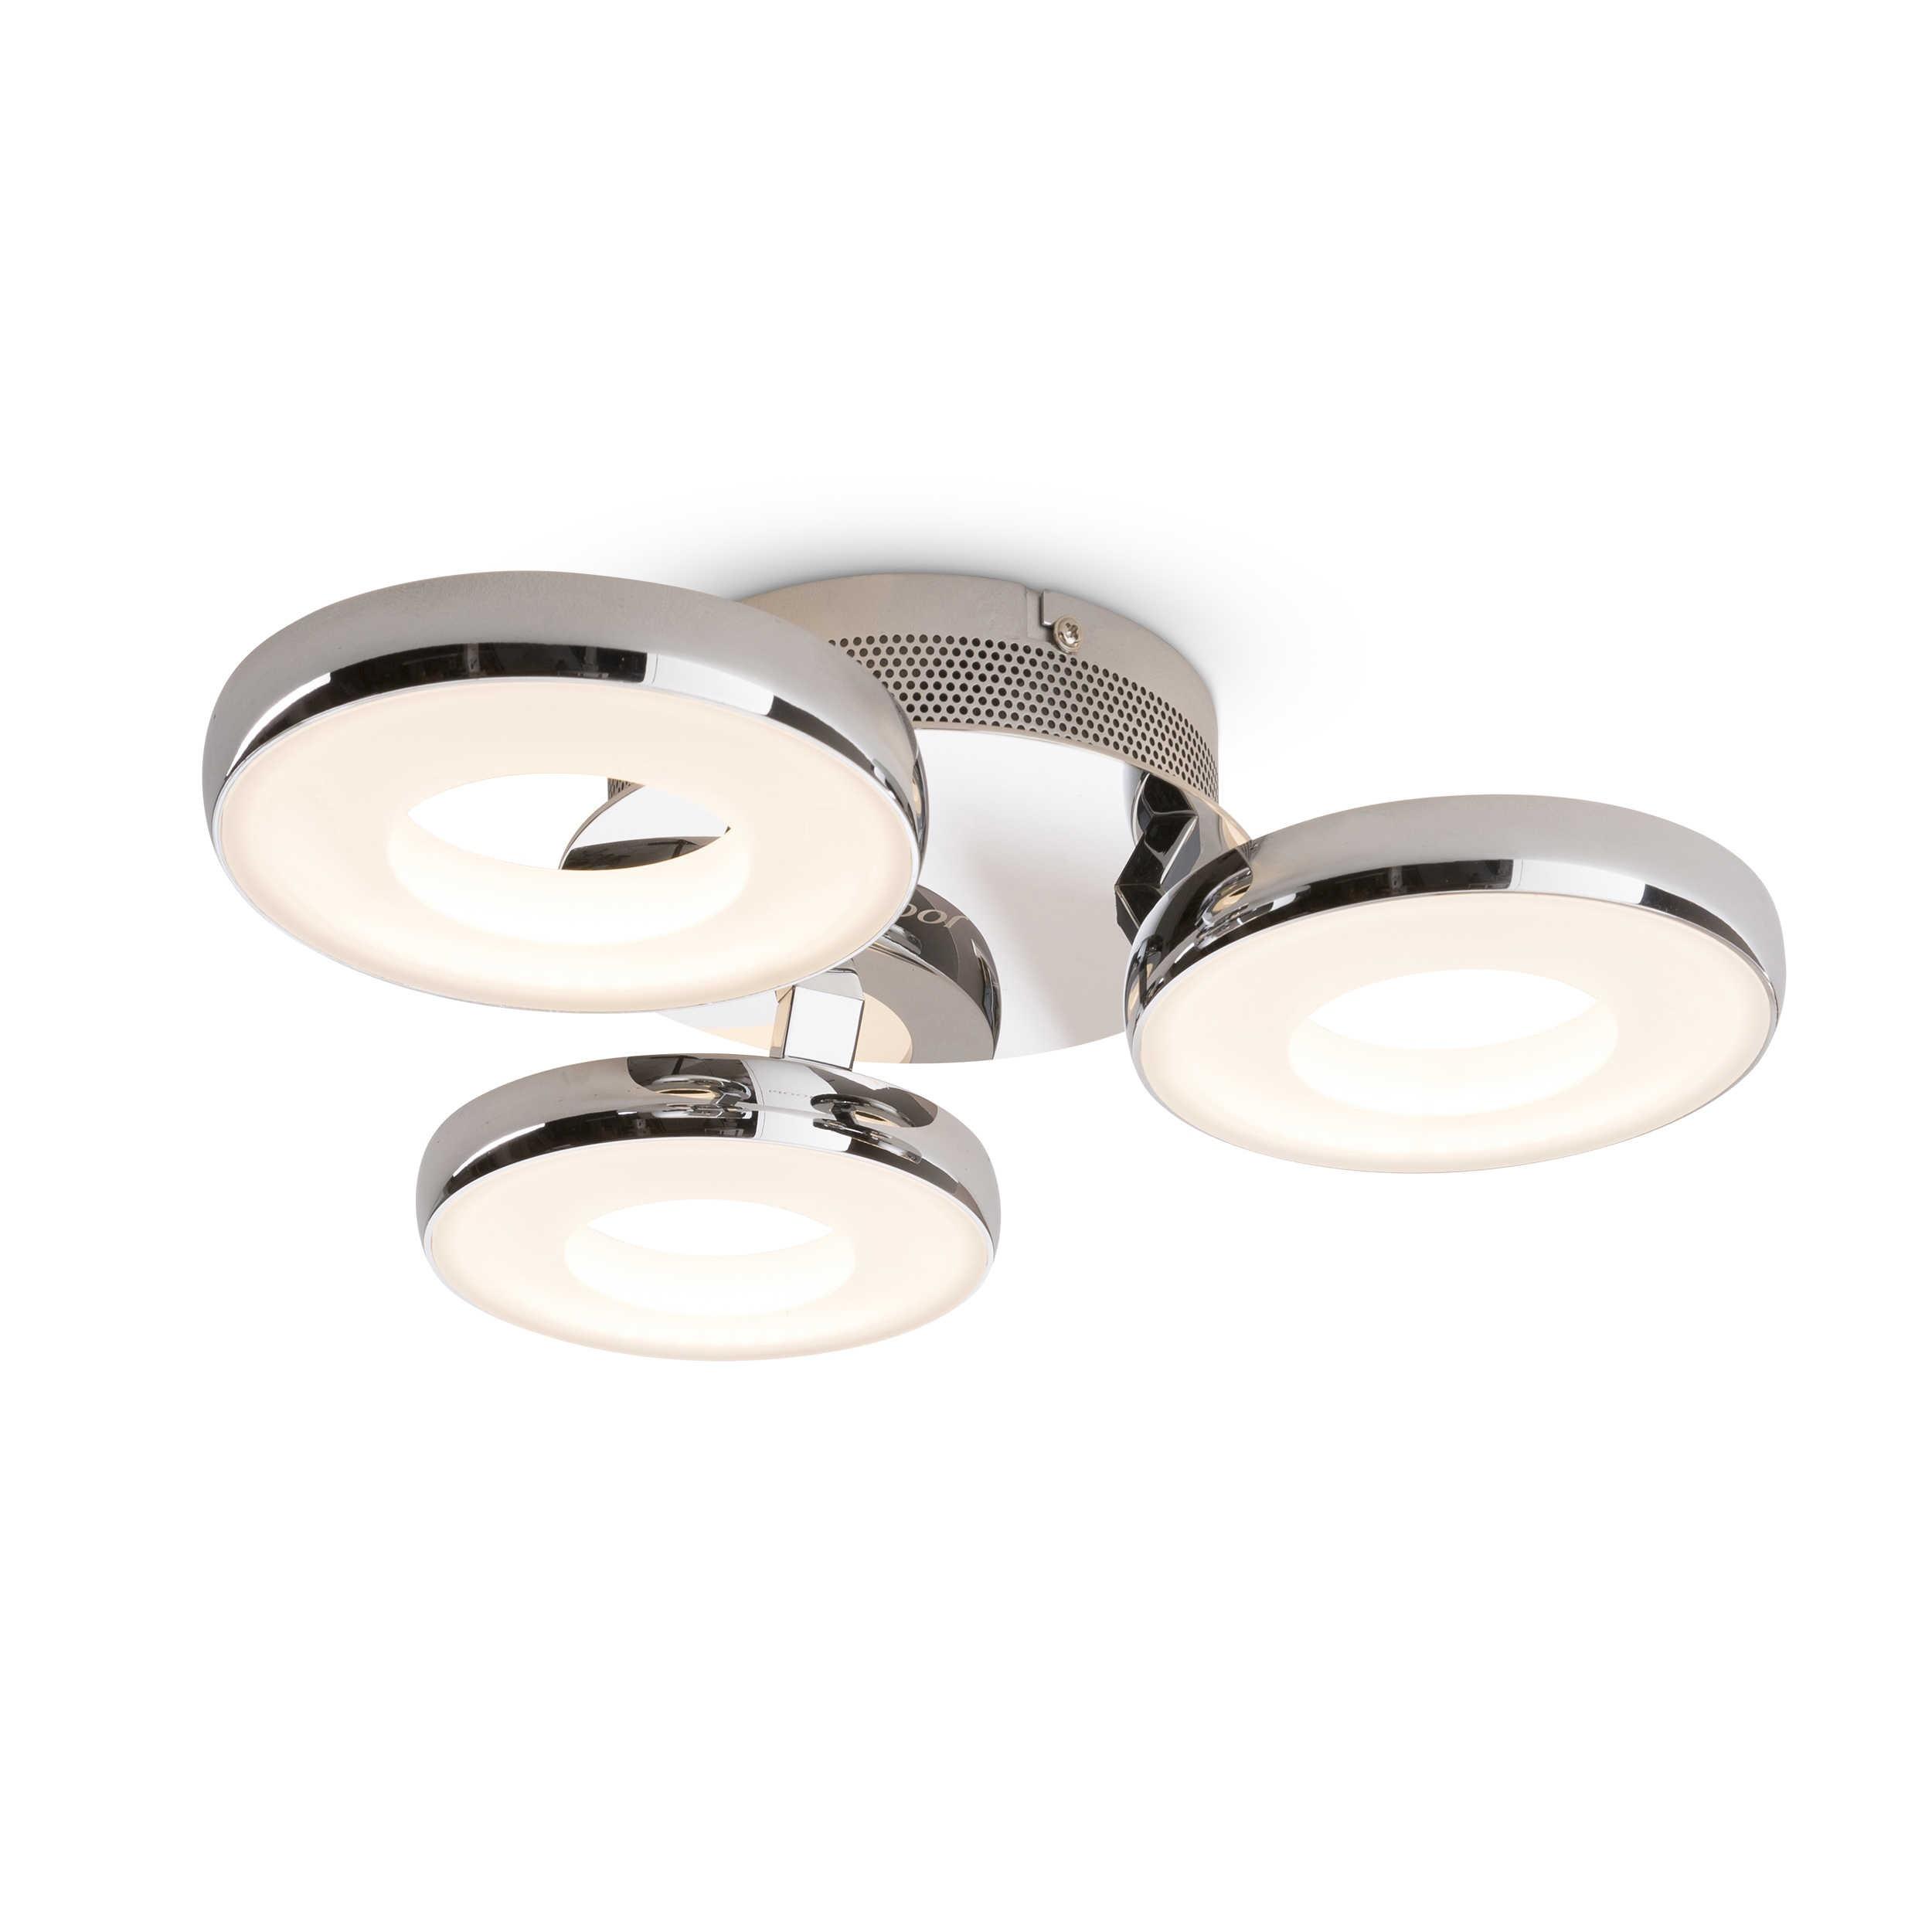 joop led deckenleuchte circle a chrom alu eisen stahl metall online kaufen bei woonio. Black Bedroom Furniture Sets. Home Design Ideas